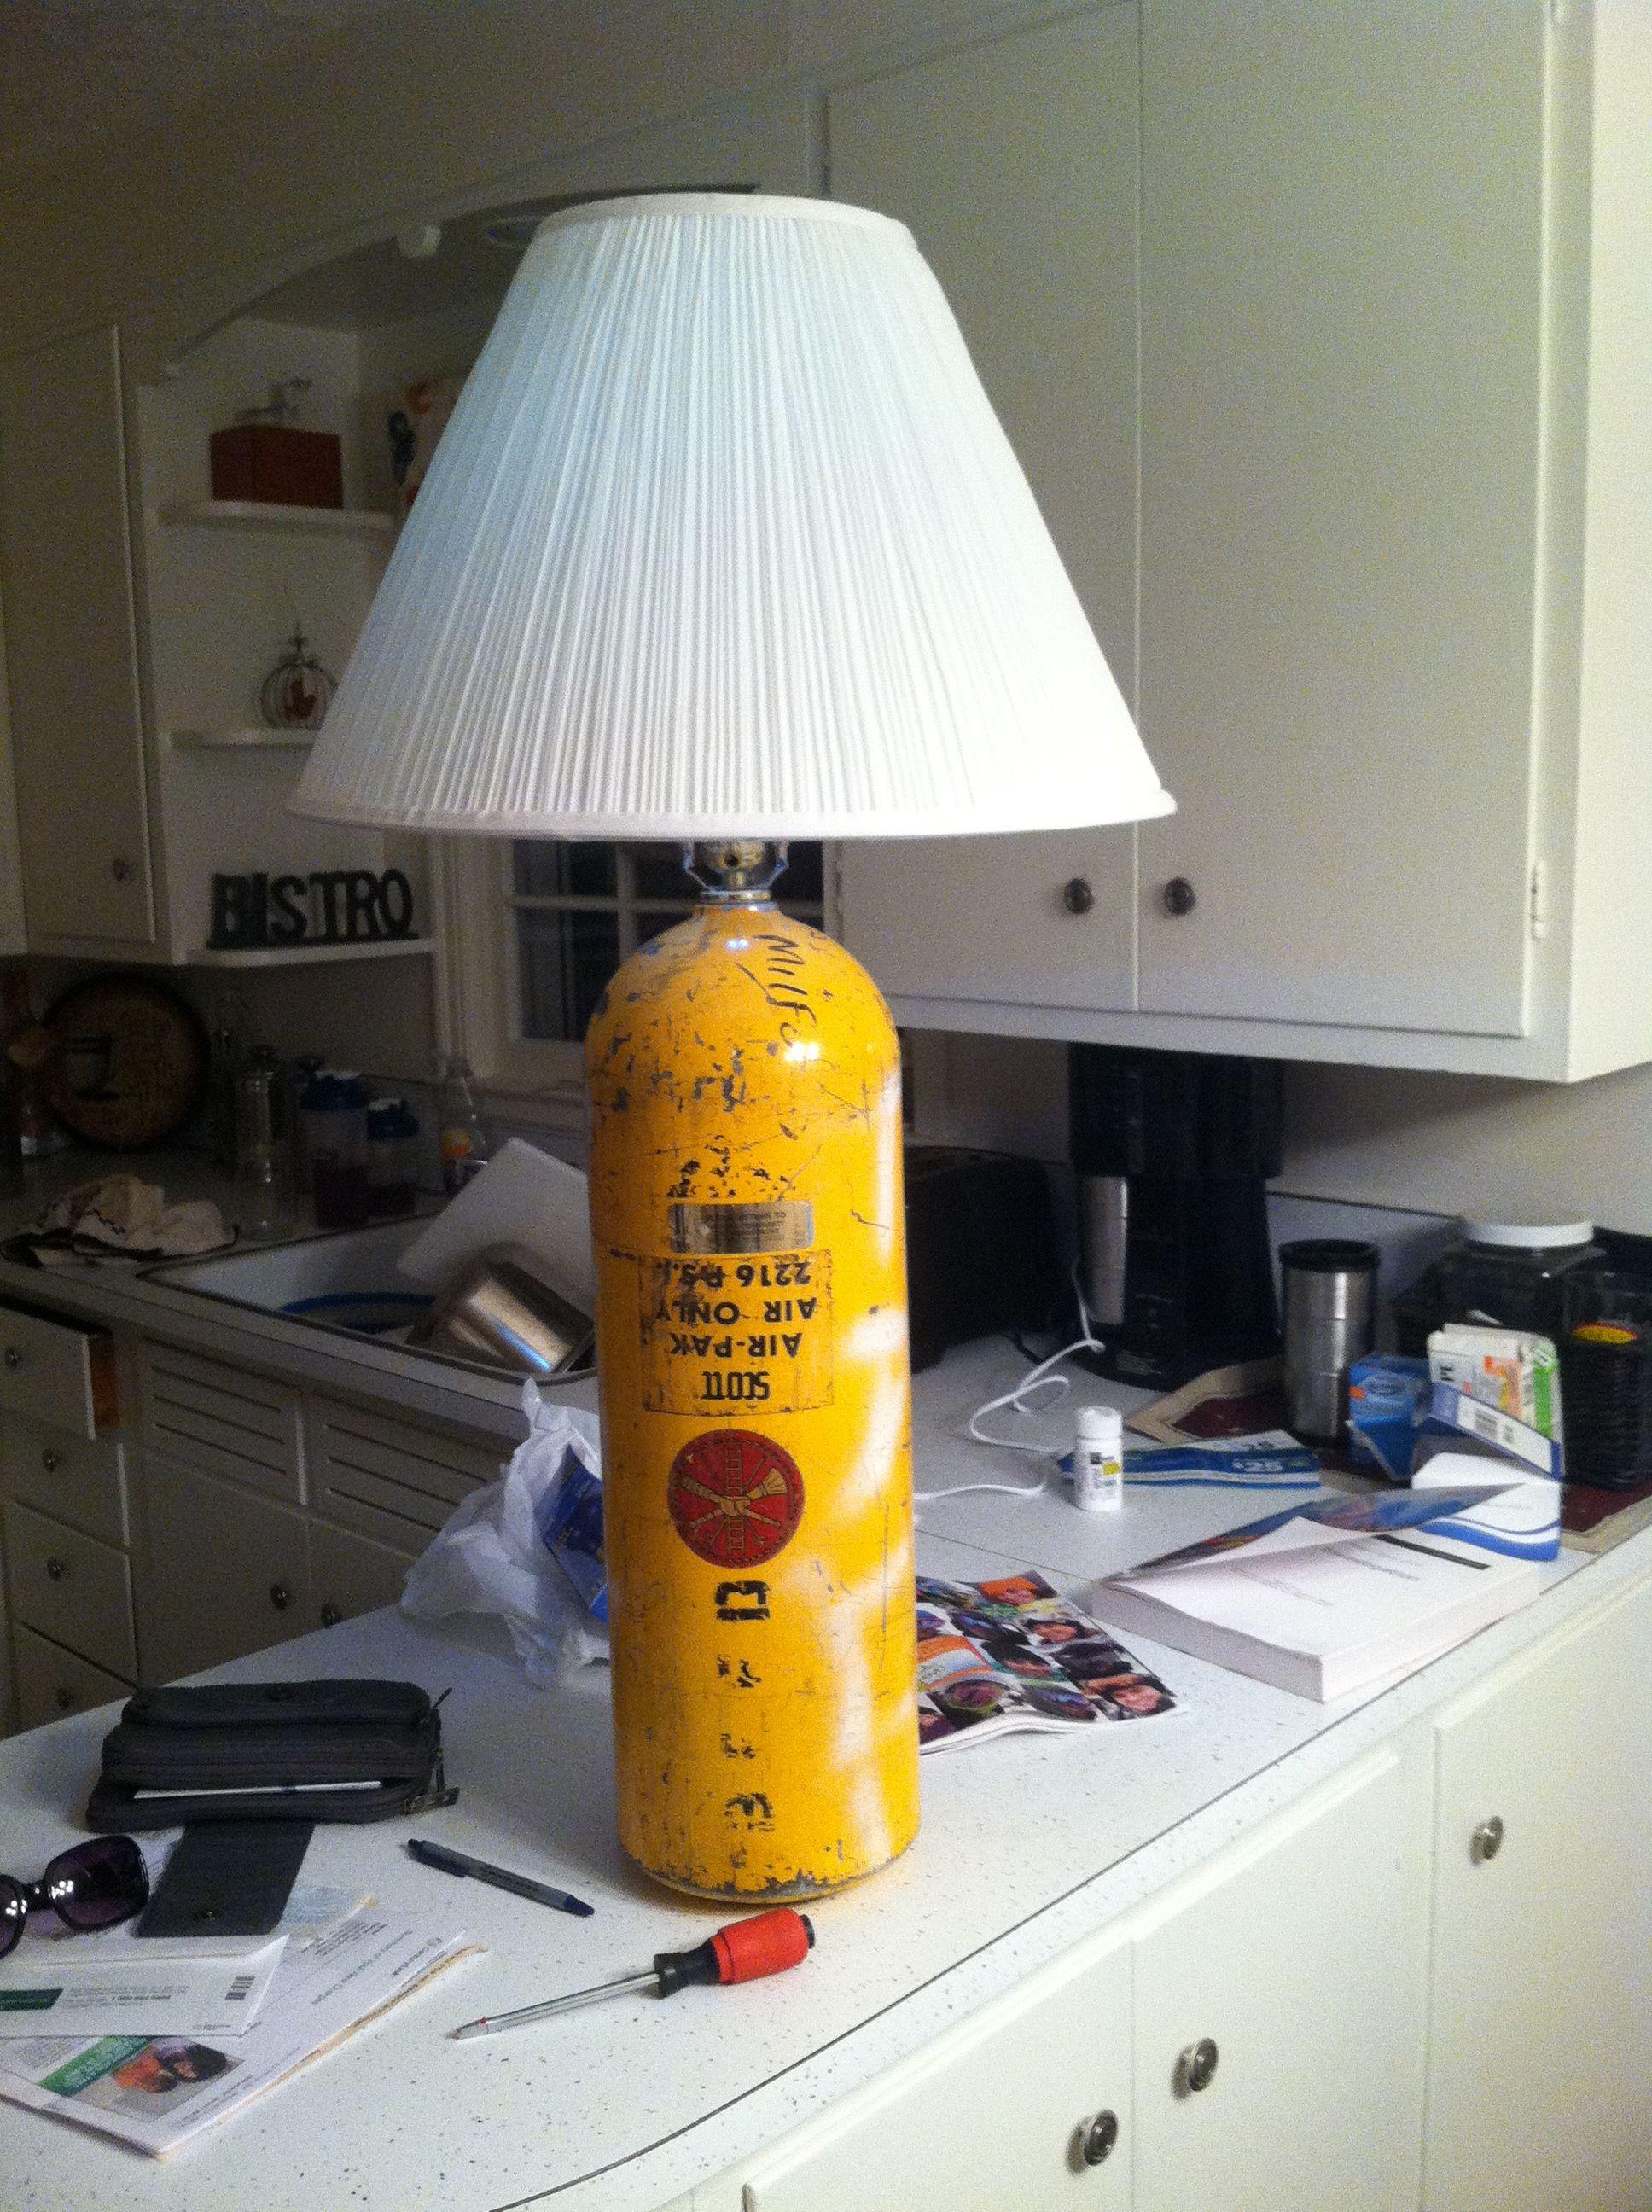 SCBA bottle lamp | FireFighter | Firefighter family, Fire